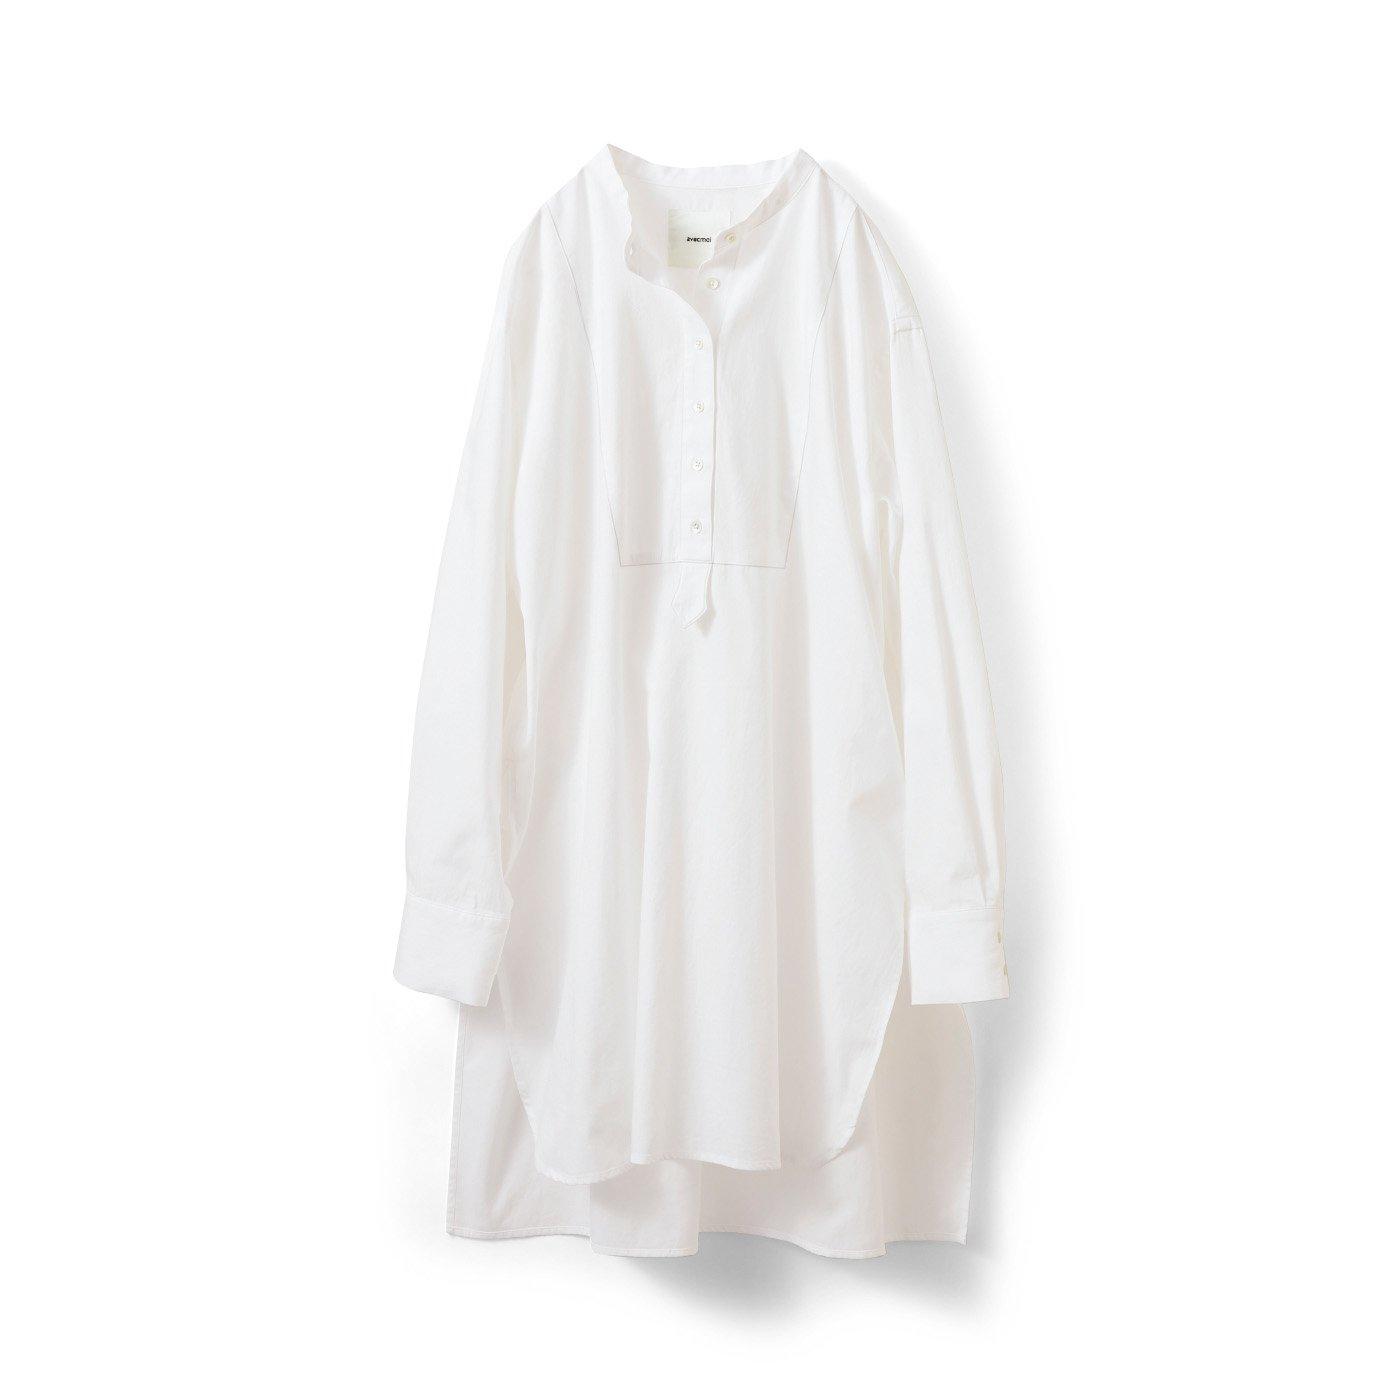 アヴェクモワ スリットロングシャツ〈白〉